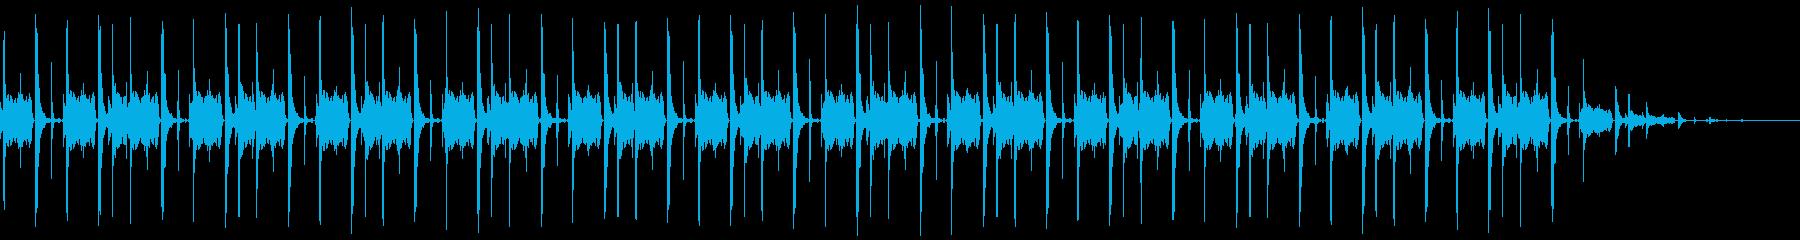 機械音のリフレインの再生済みの波形